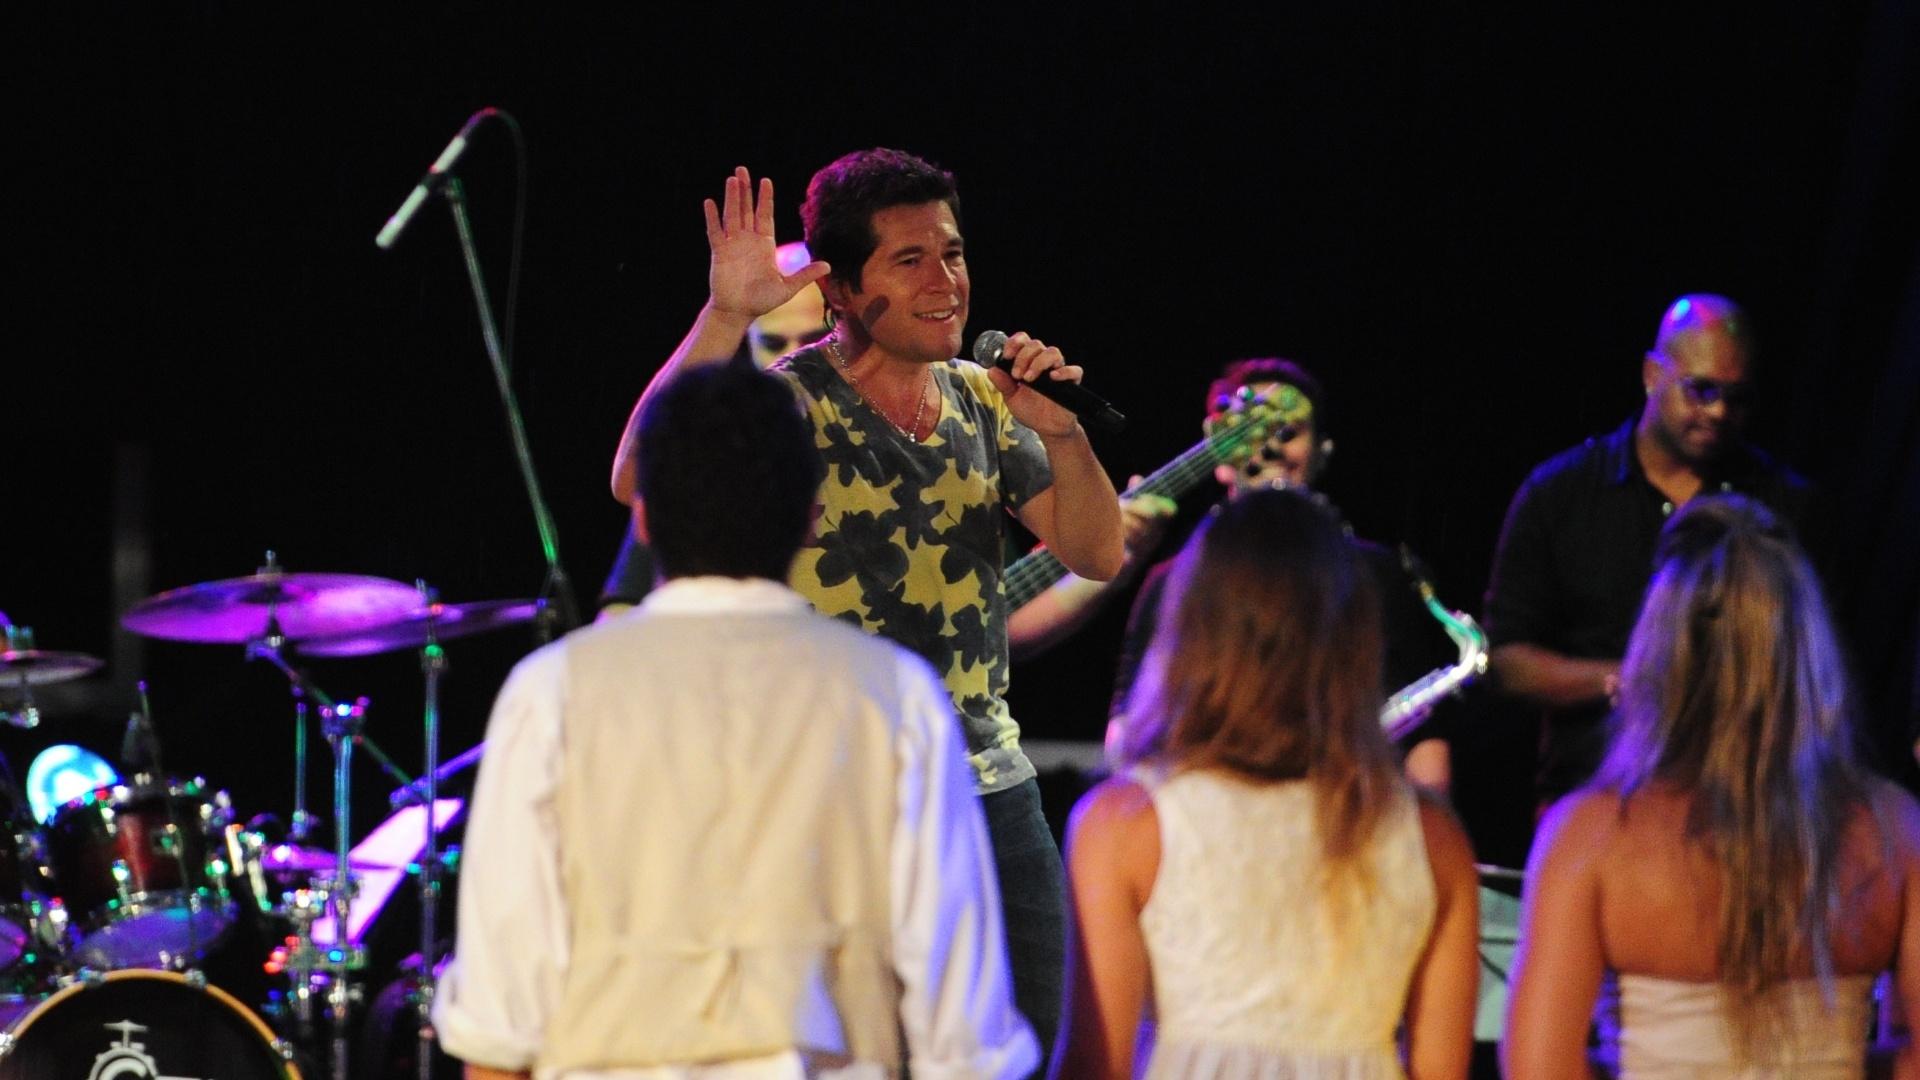 27.fev.2013 - Daniel faz show na festa Flores. Ele tocou sucessos como